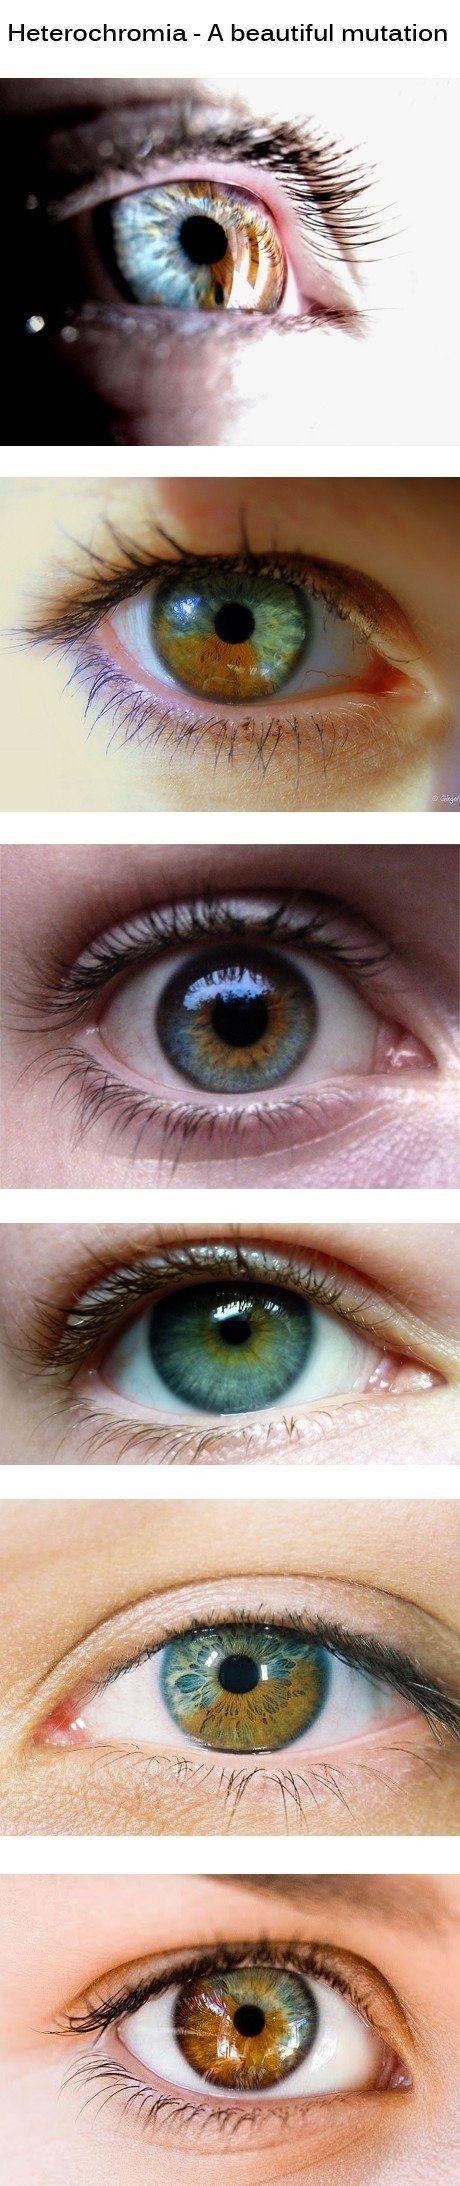 Sensen clipart eye color Eyes on Heterochromia Pinterest of